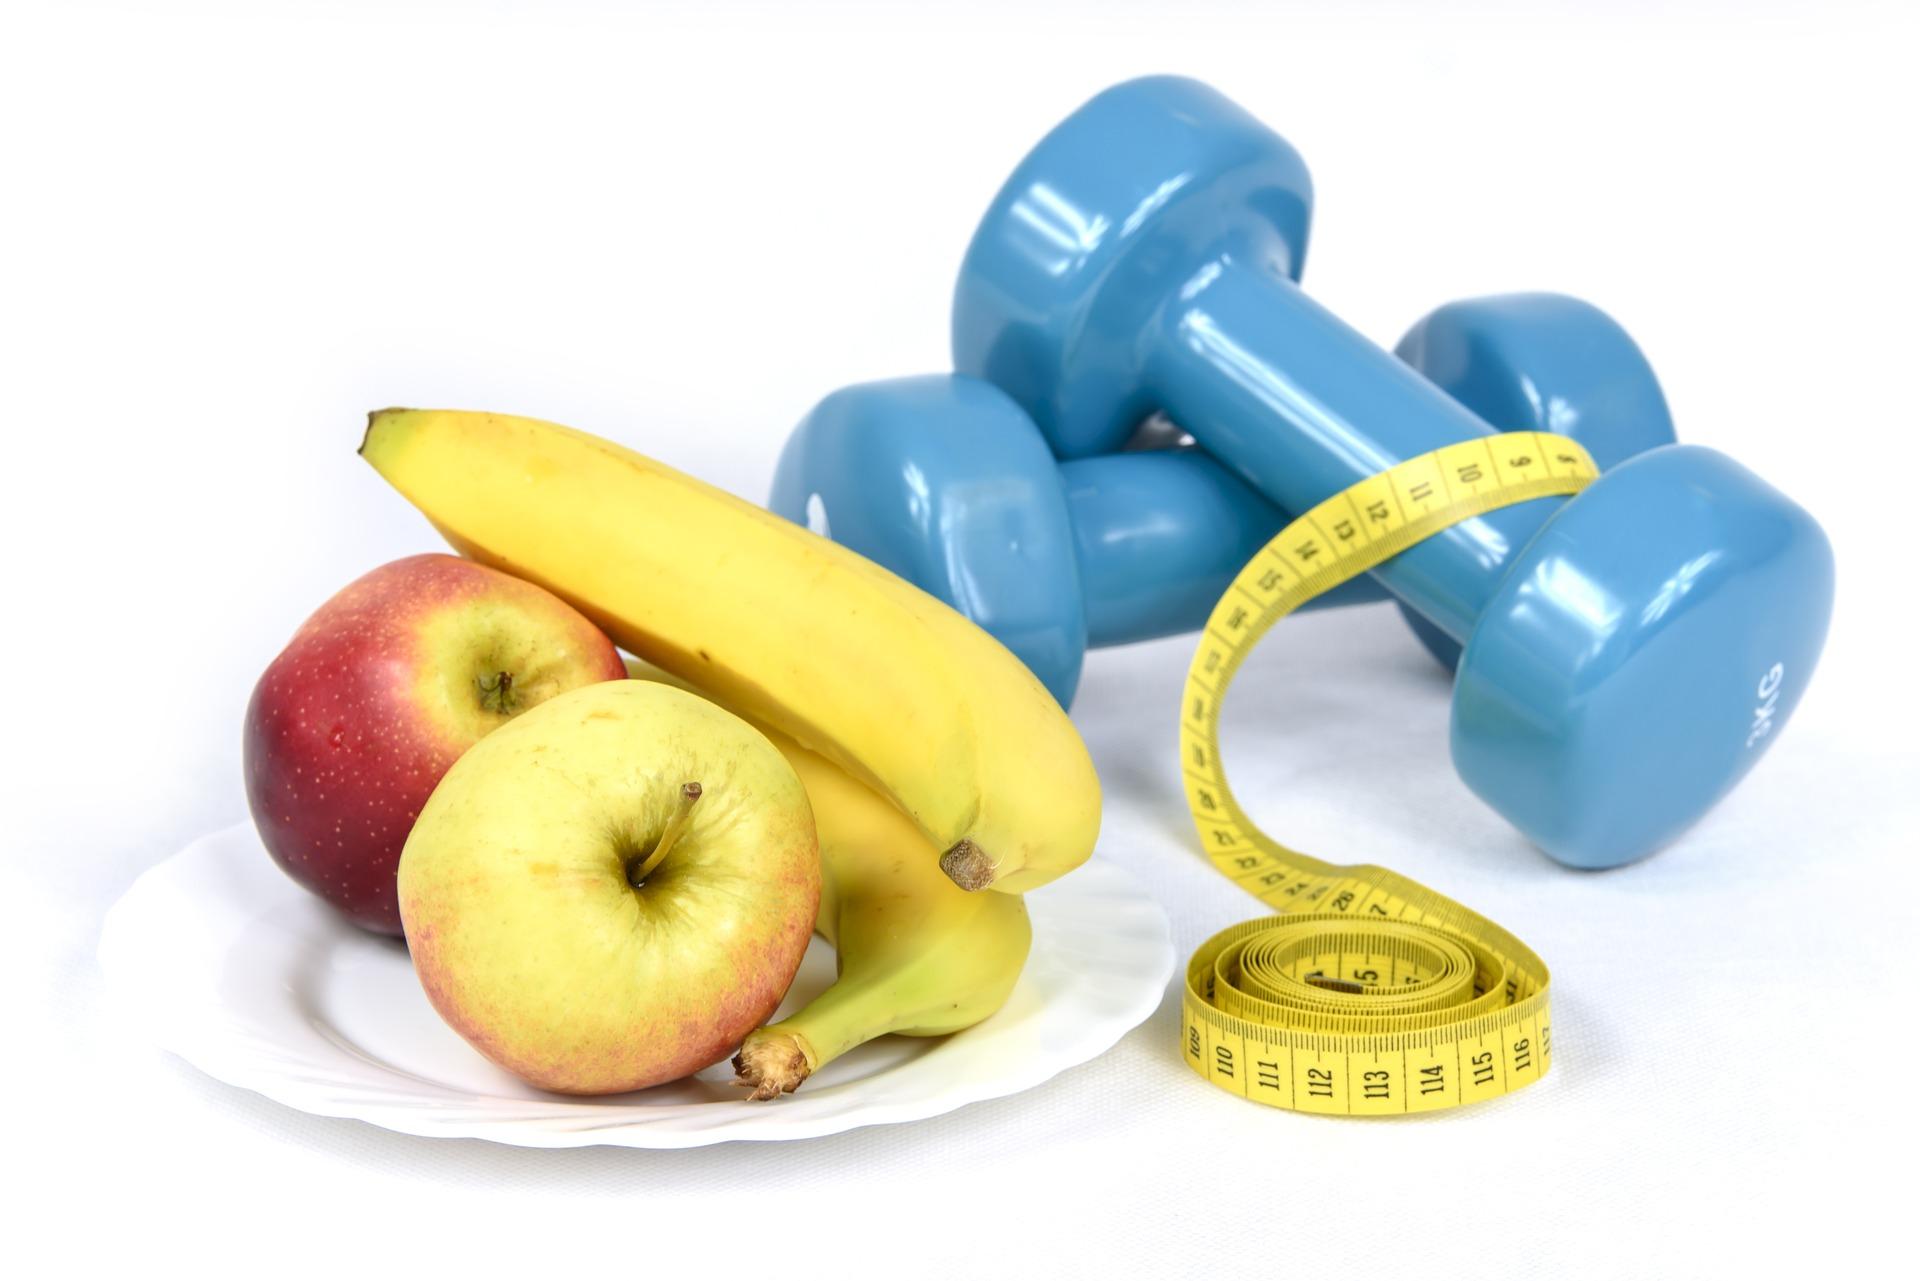 דיאטן קליני – איך הוא יכול להשפיע על הירידה במשקל